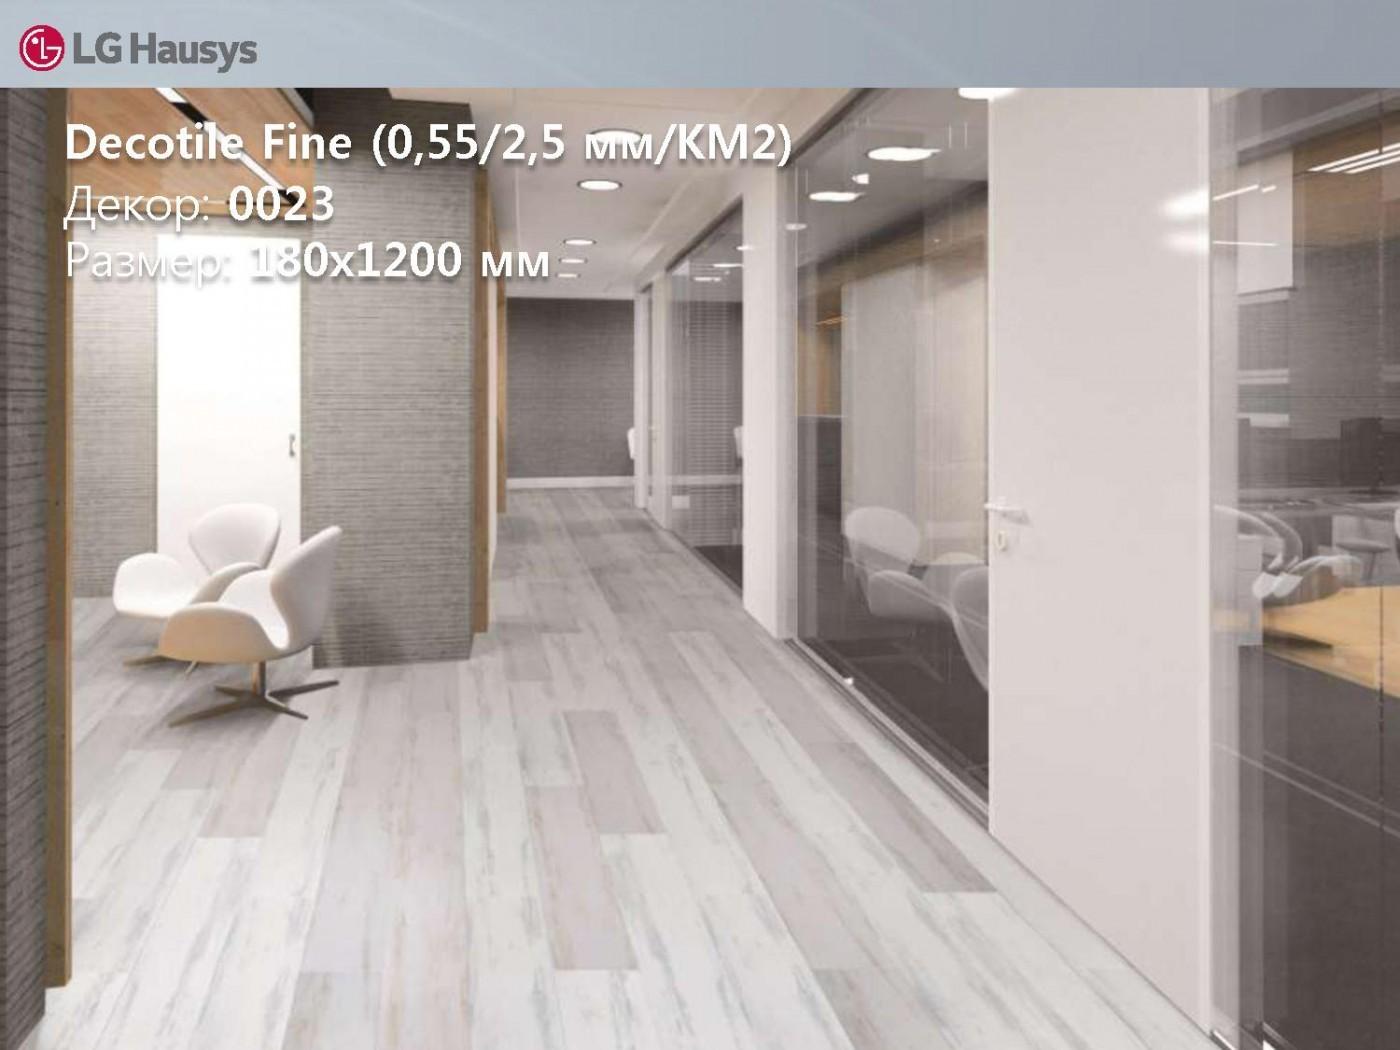 Дизайн-плитка LG - Decotile Fine 2.5/0.55 (23)